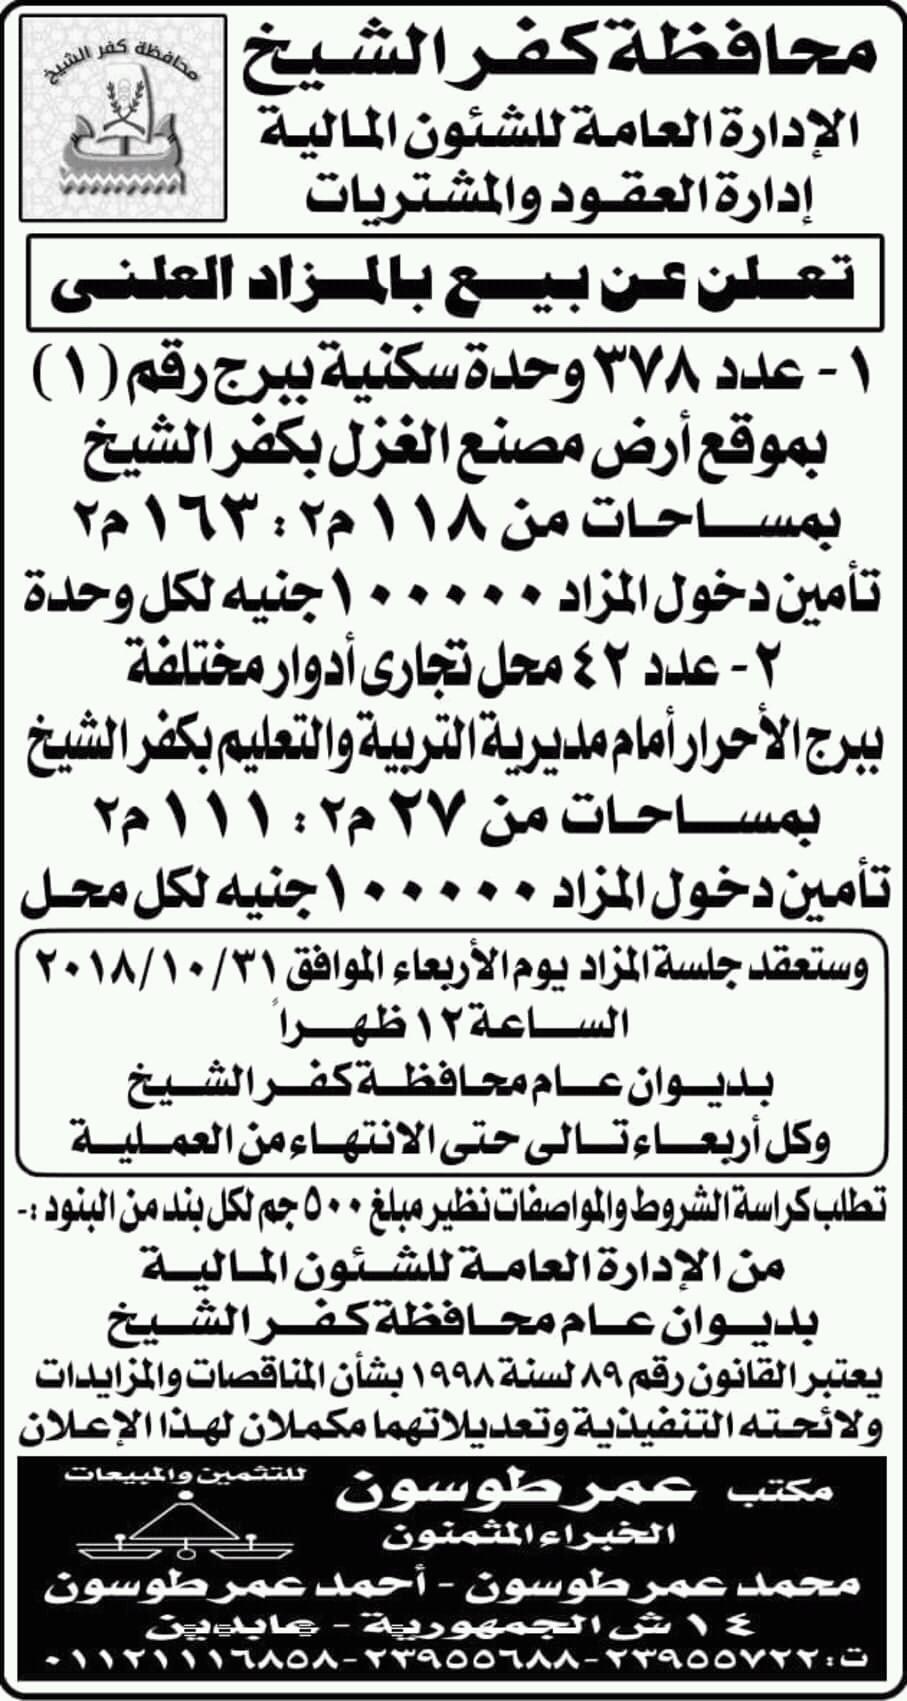 مزاد  ببرج رقم واحد بأرض مصنع الغزل بكفر الشيخ